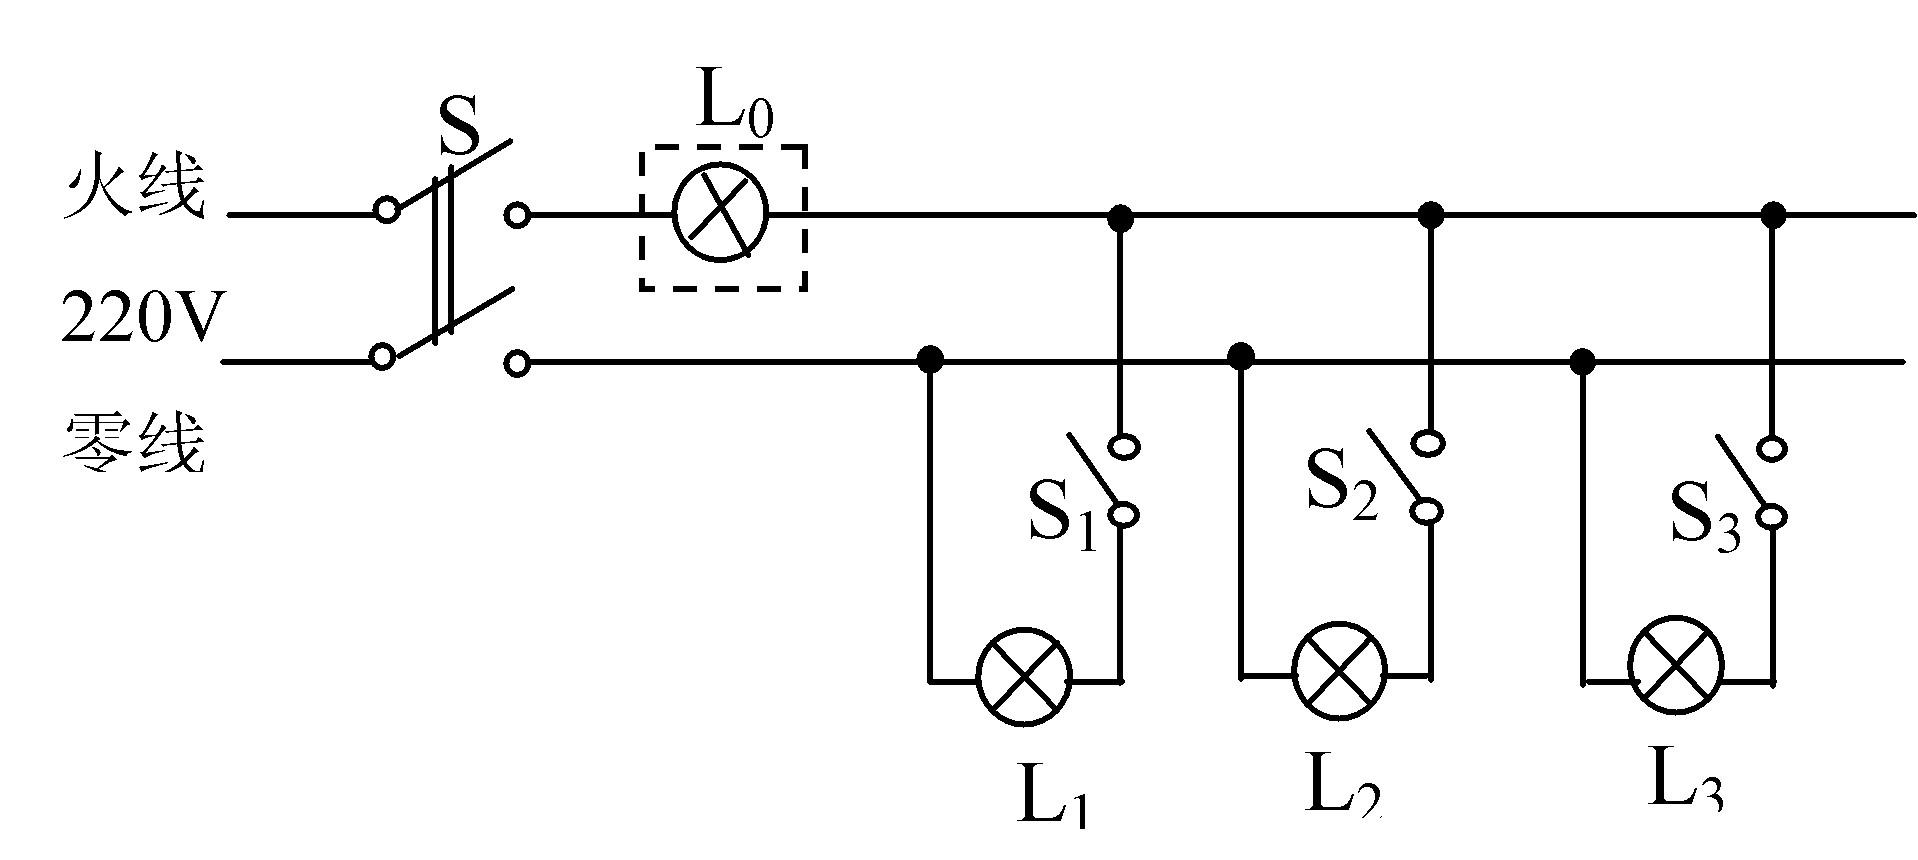 """40w""""的灯泡l0(检验灯泡)取代保险丝来检查新安装的照明电路中每个支路"""